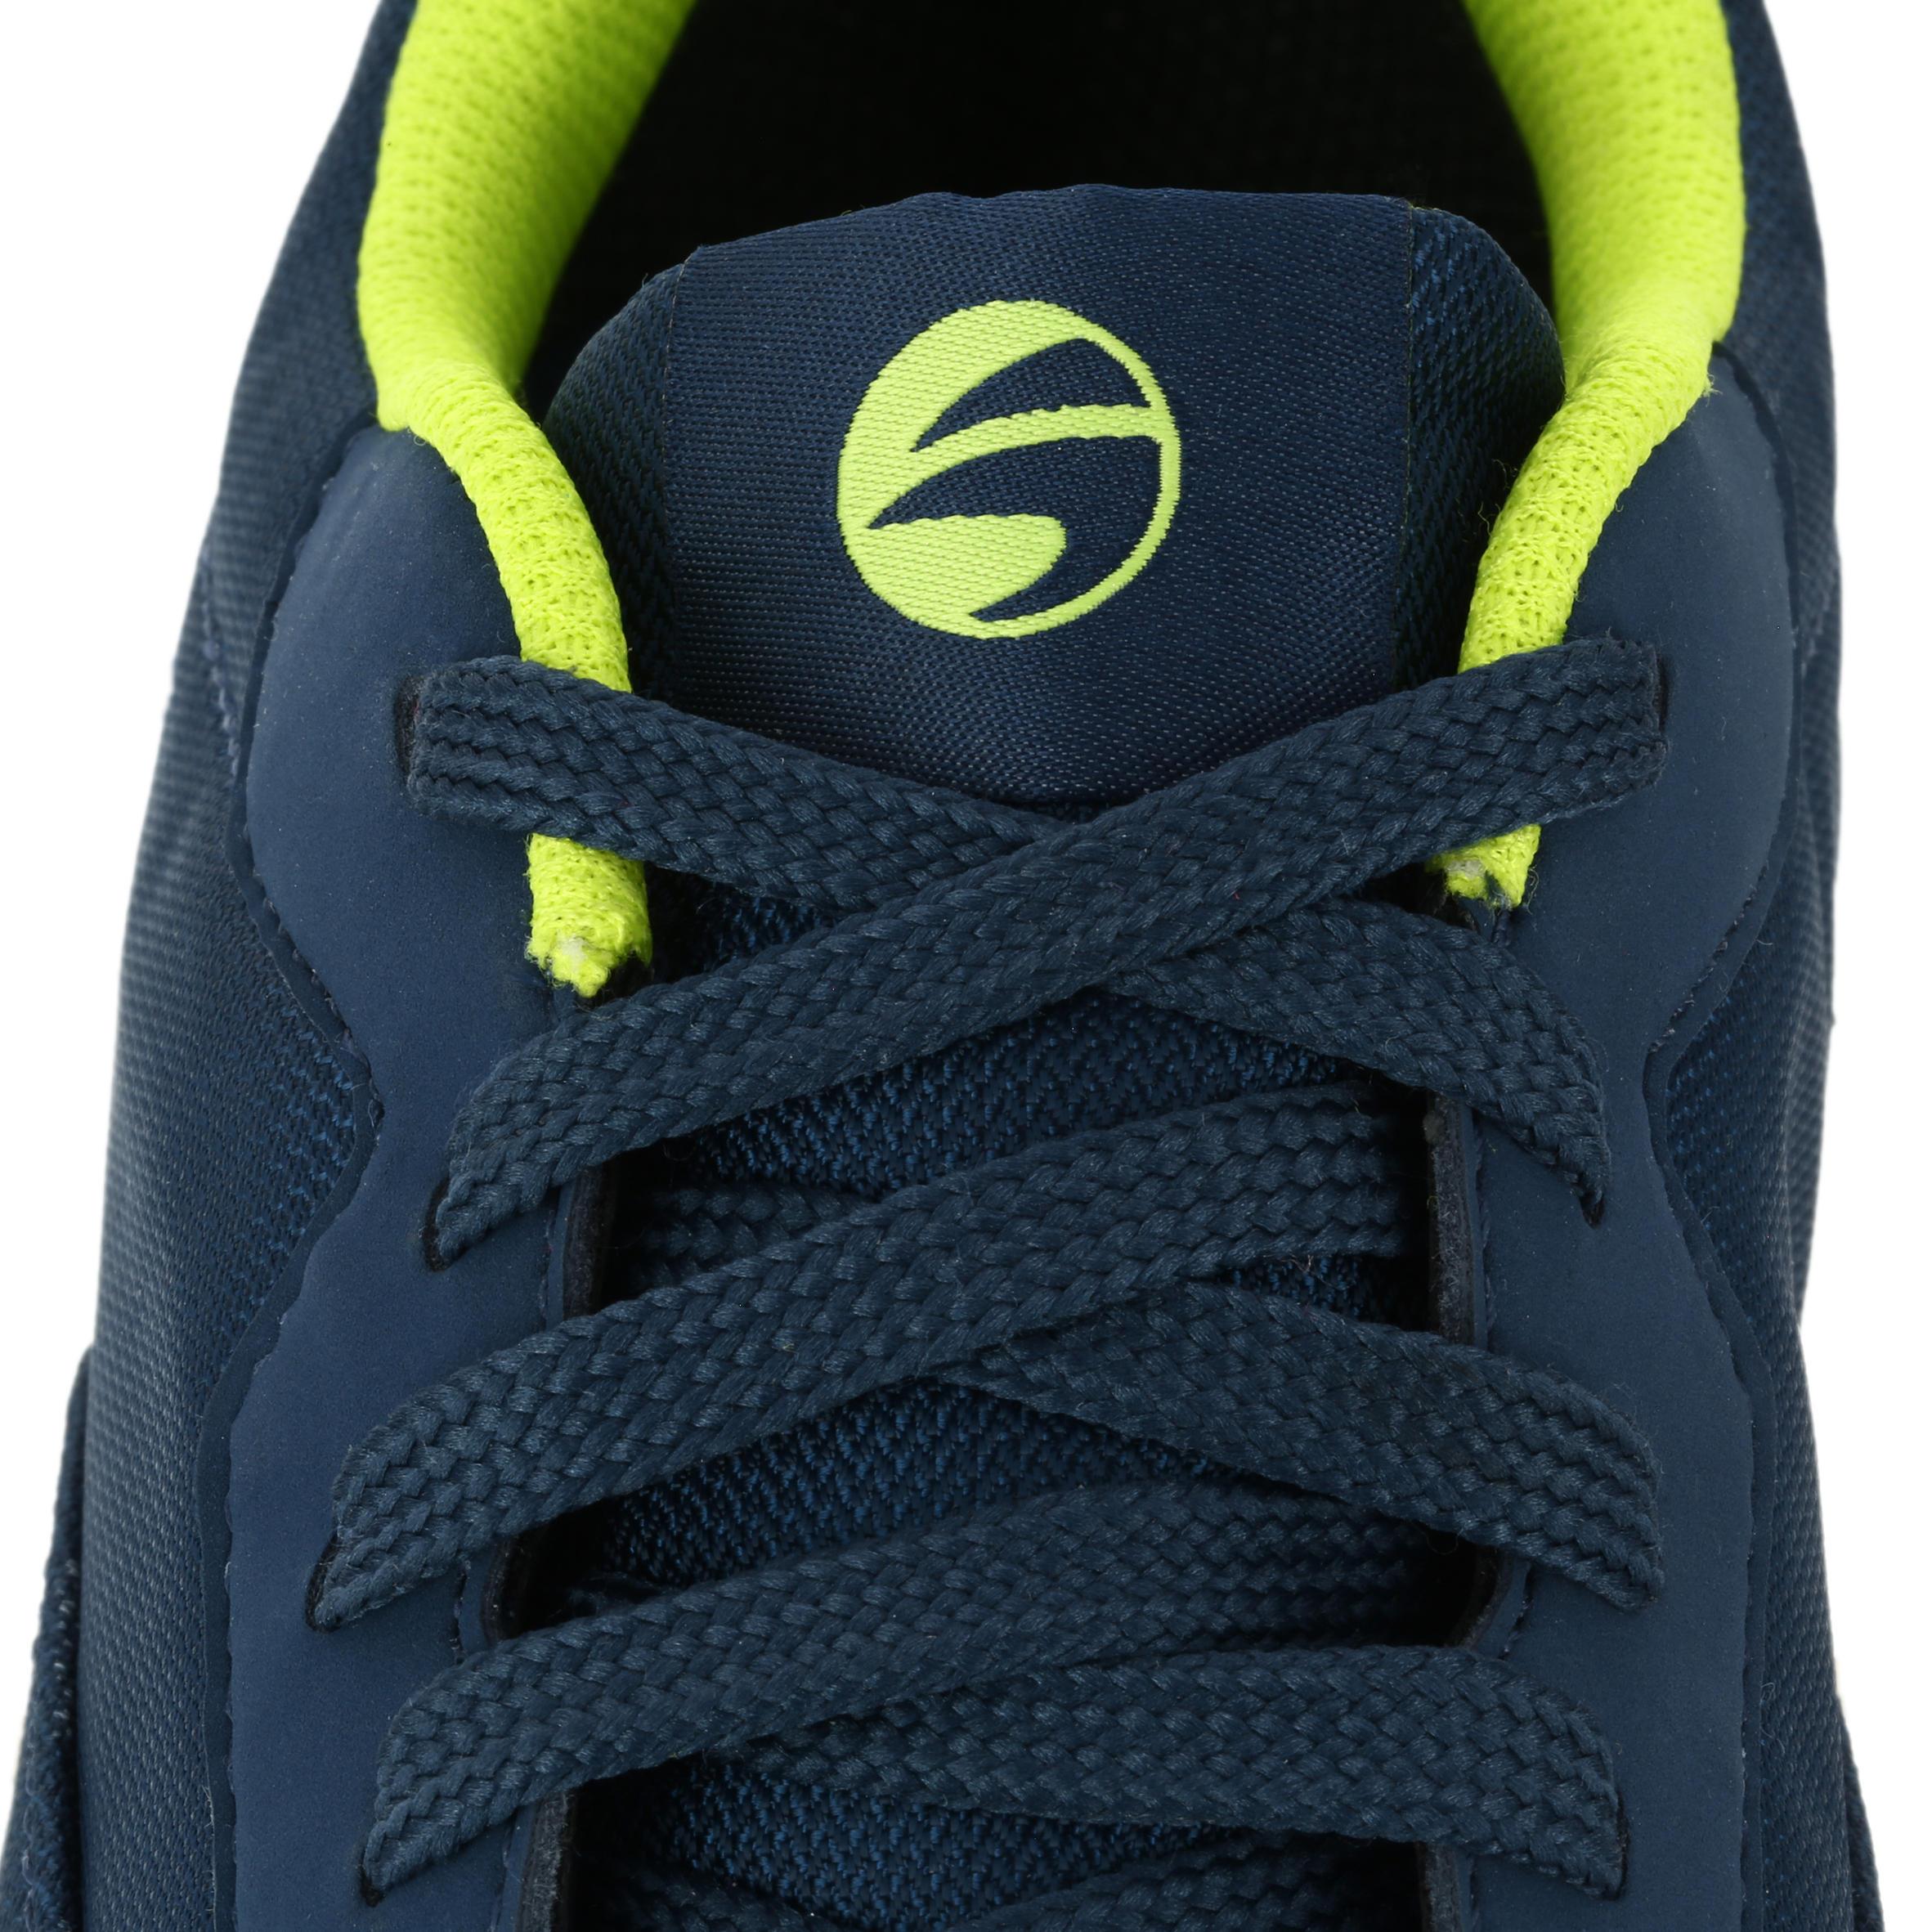 Spikeless 500 Men's Golf Shoes - Blue